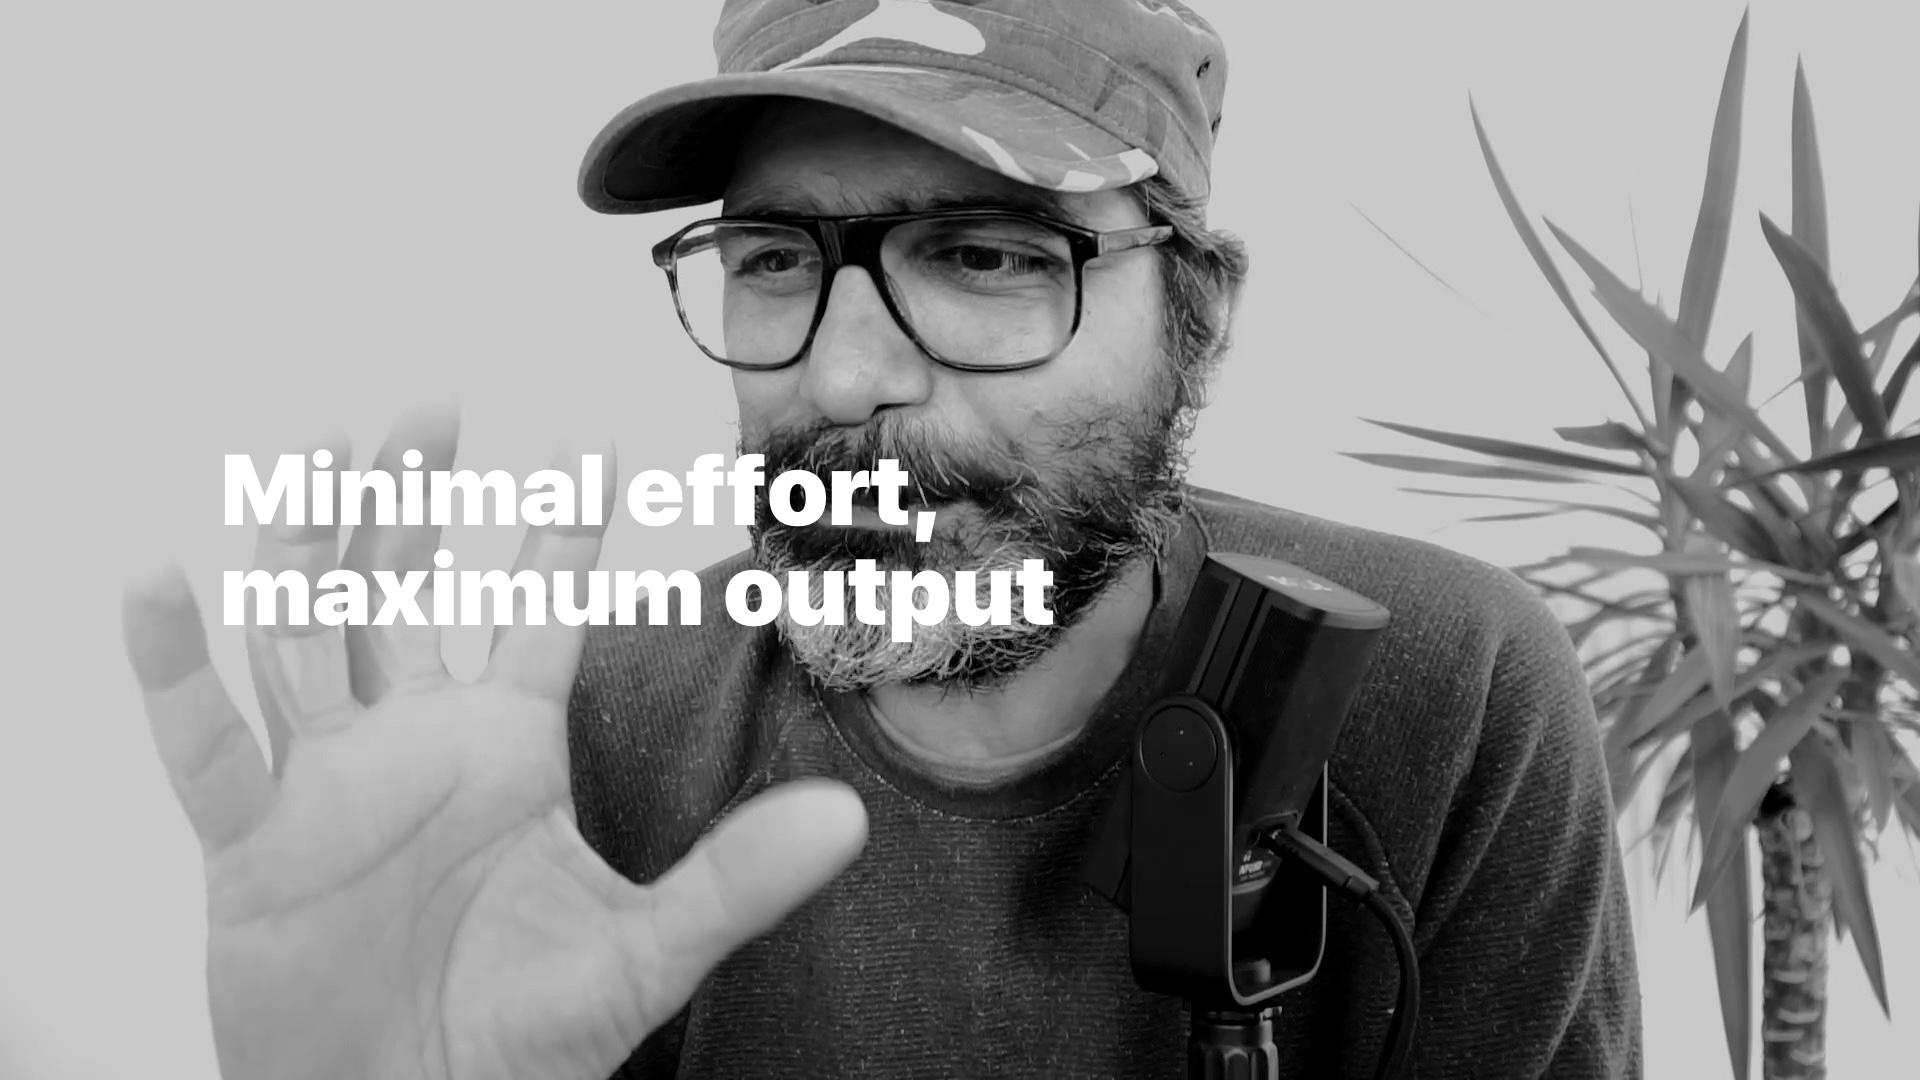 Minimal effort, maximum output